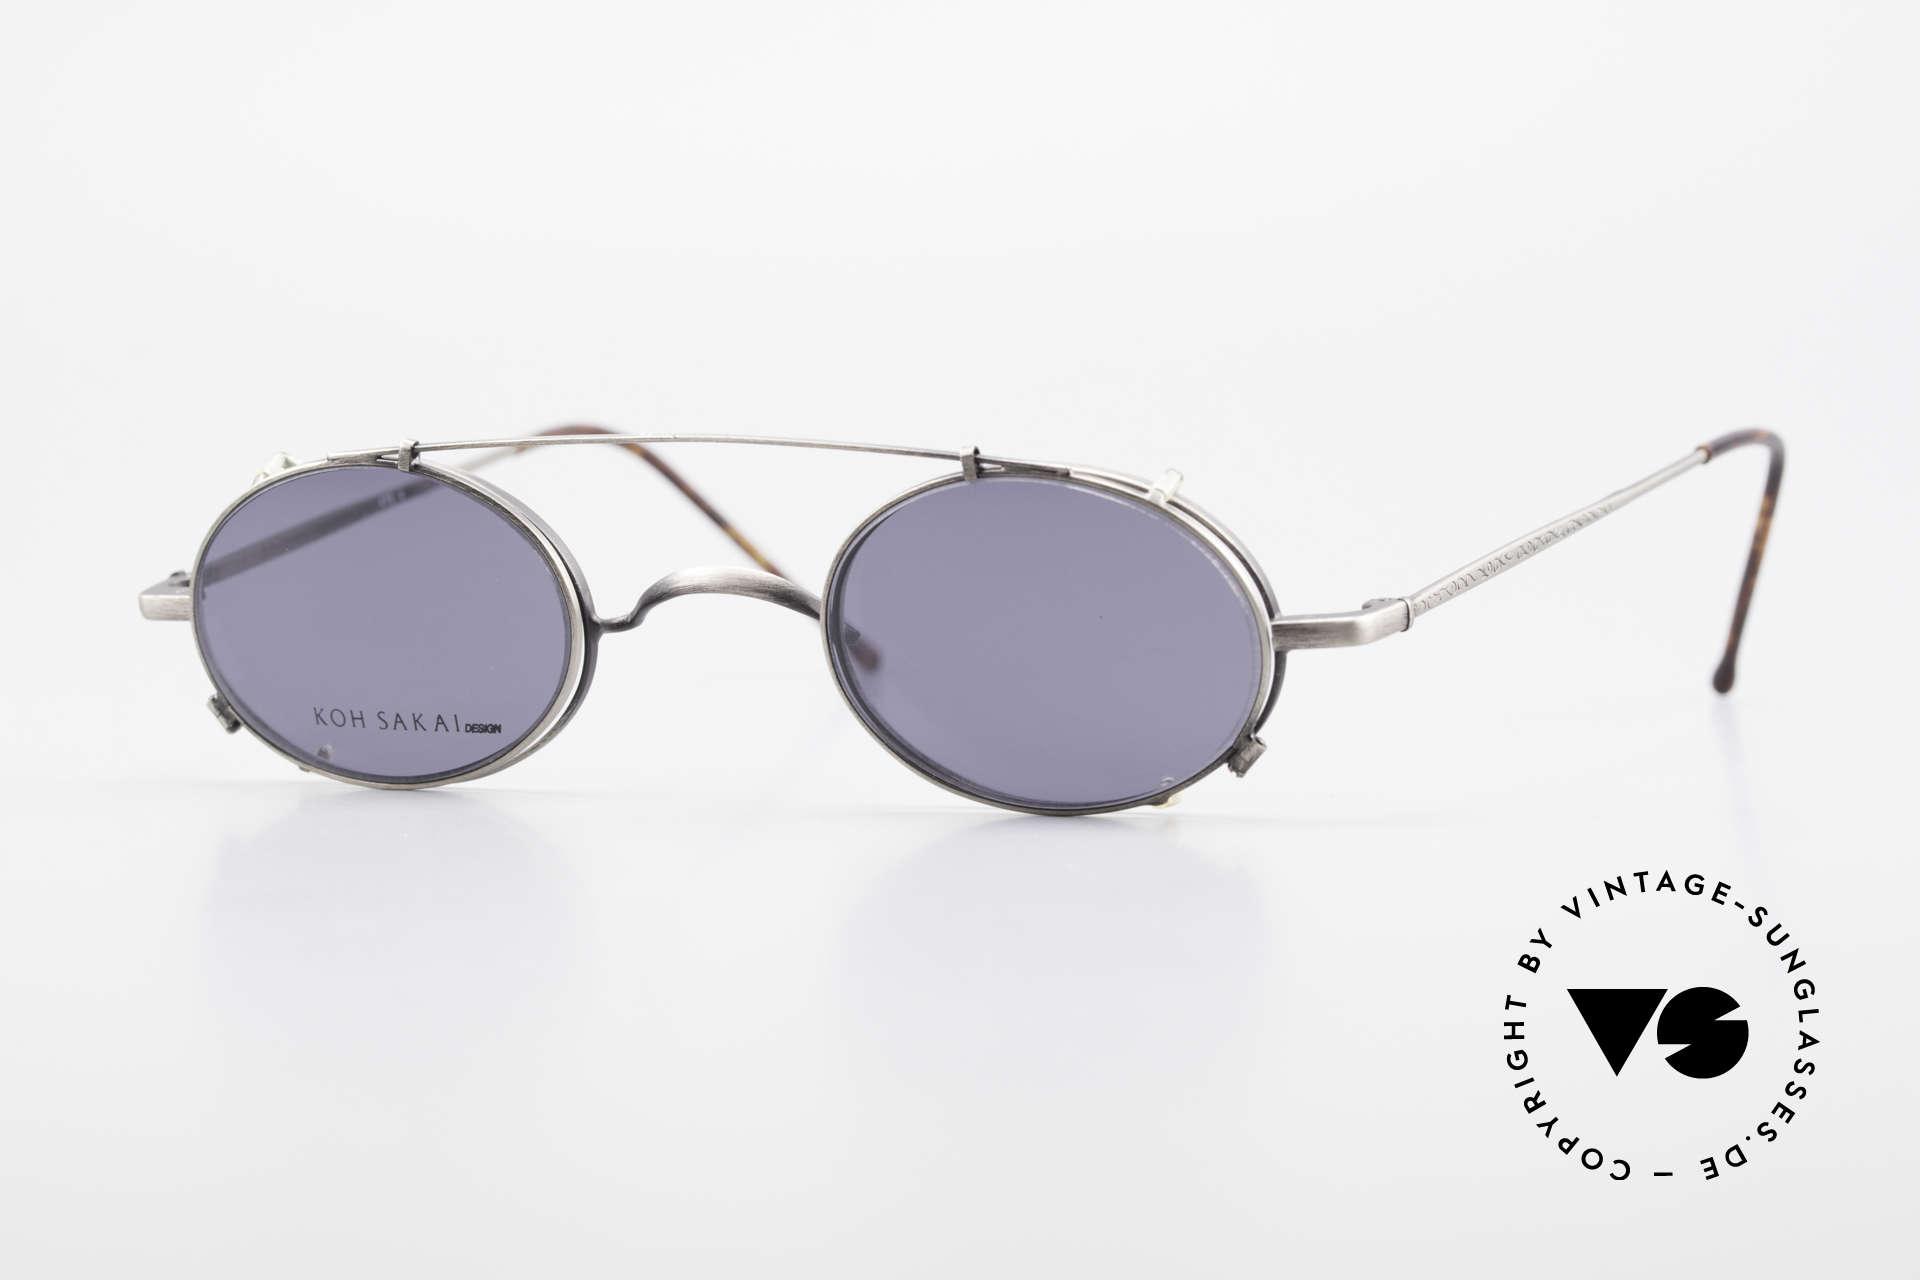 Koh Sakai KS9591 Small Oval Eyeglasses Clip On, rare, vintage Koh Sakai glasses with clip-on from 1997, Made for Men and Women